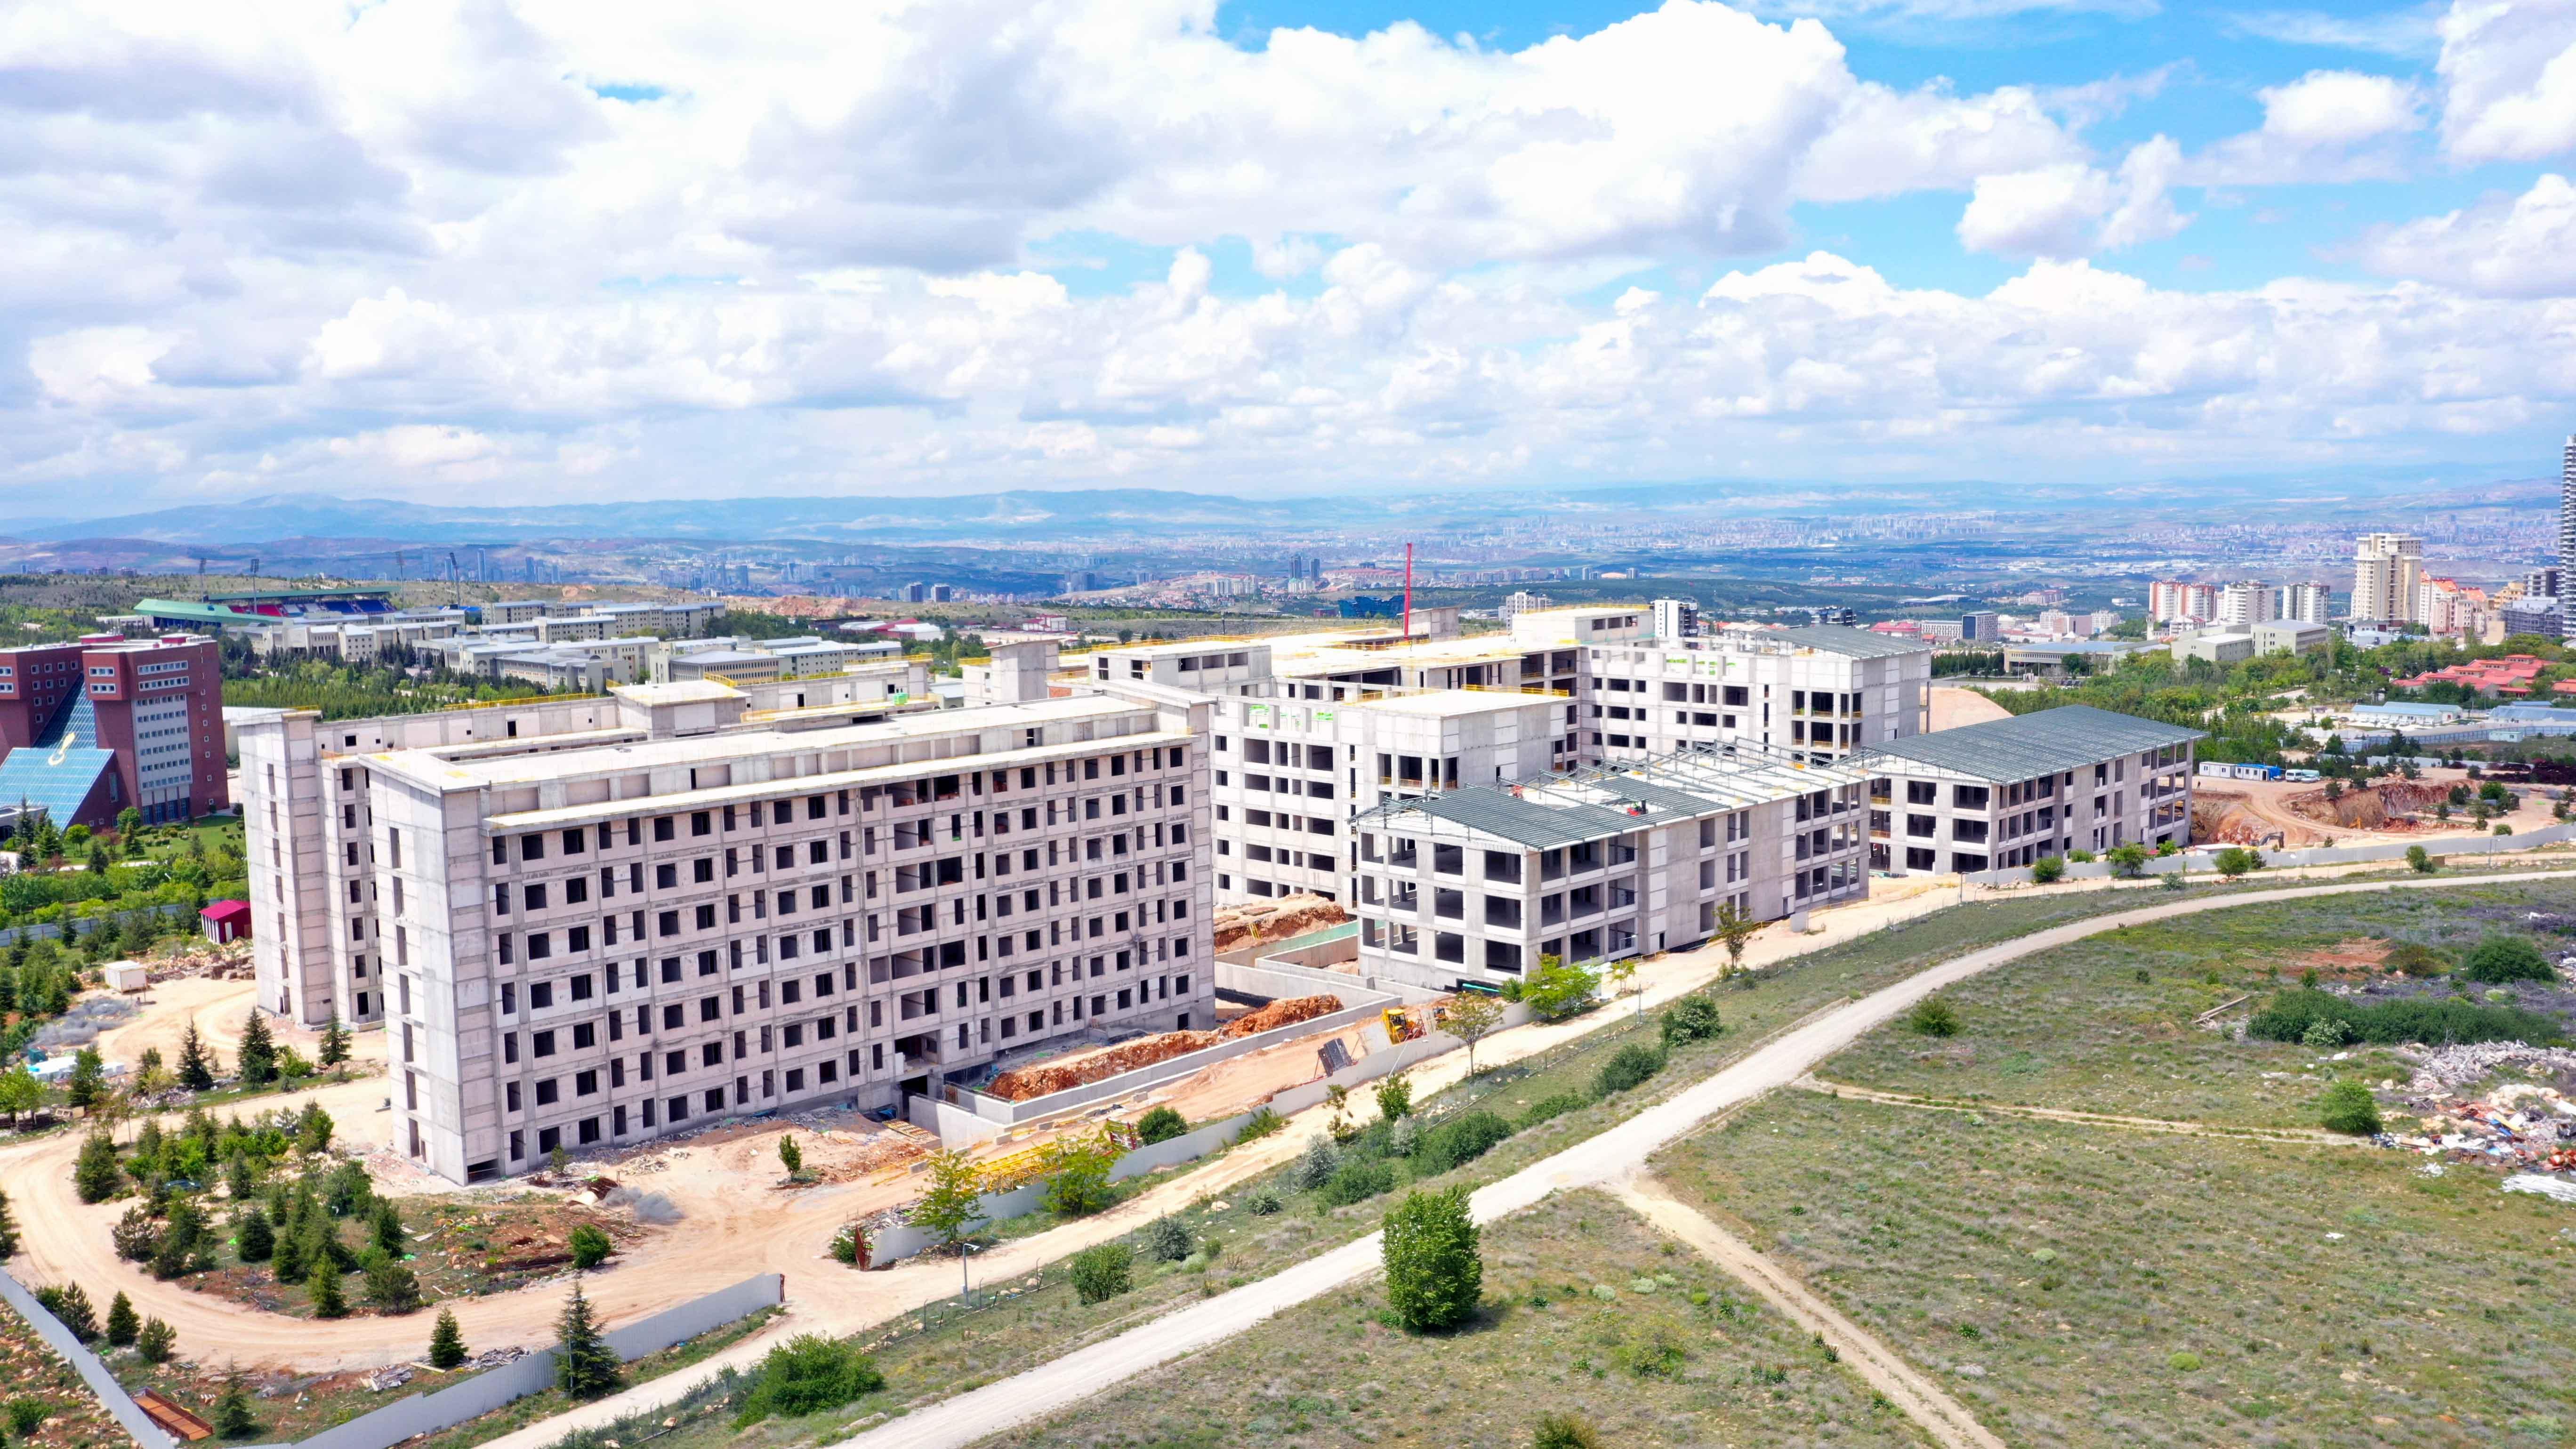 Jandarma Sahil Güvenlik Akademisi Yeni Kompleksinde Tüm Fanlar Aironn Markasını Taşıyor